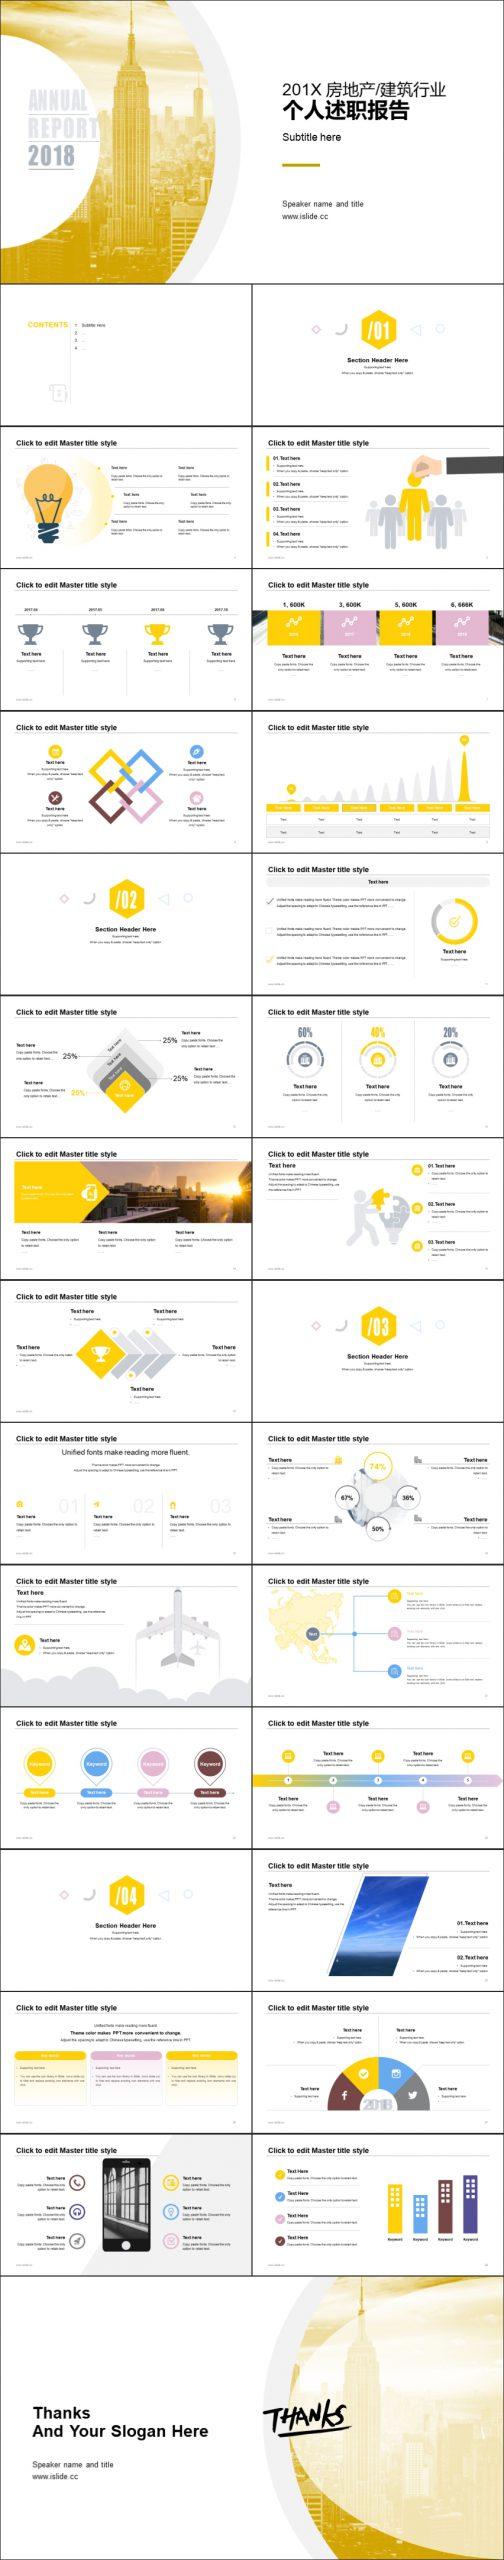 黄色简约商务风建筑行业个人述职报告 PPT模板下载_预览图2